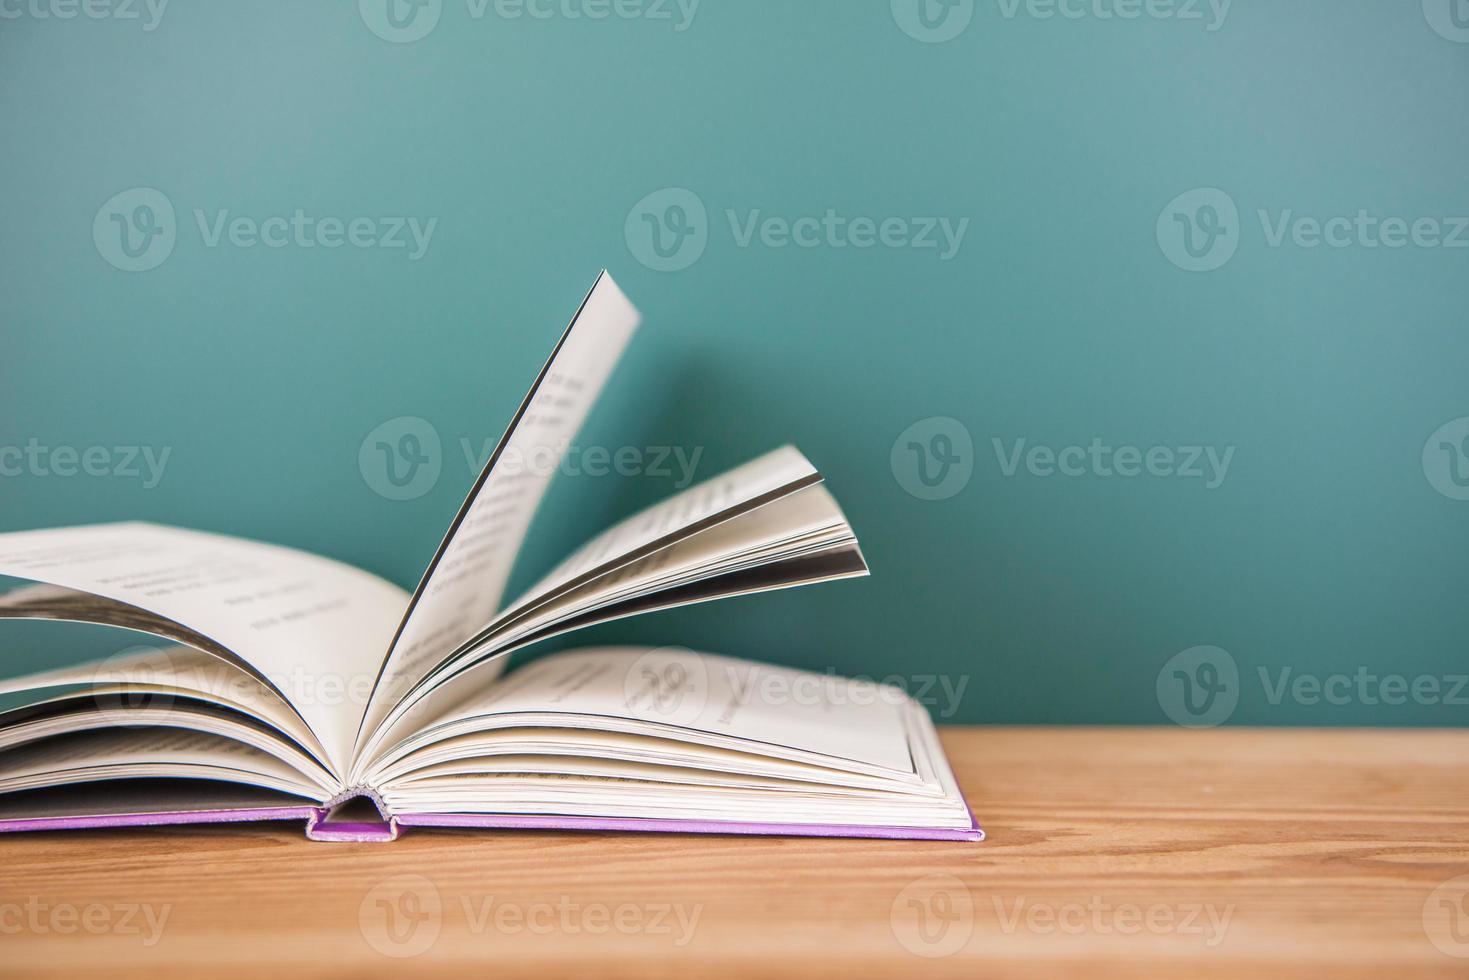 livros escolares na mesa, o conceito de educação foto